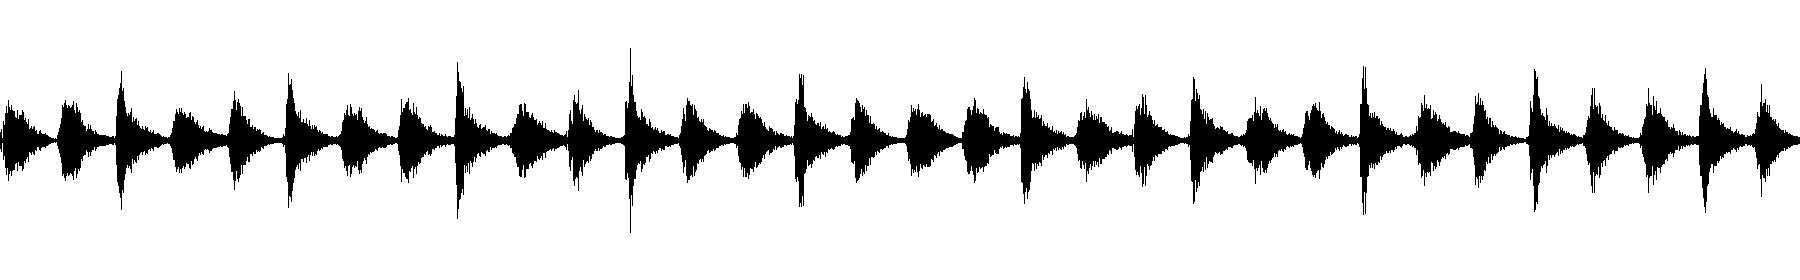 ehp percloop 130 12